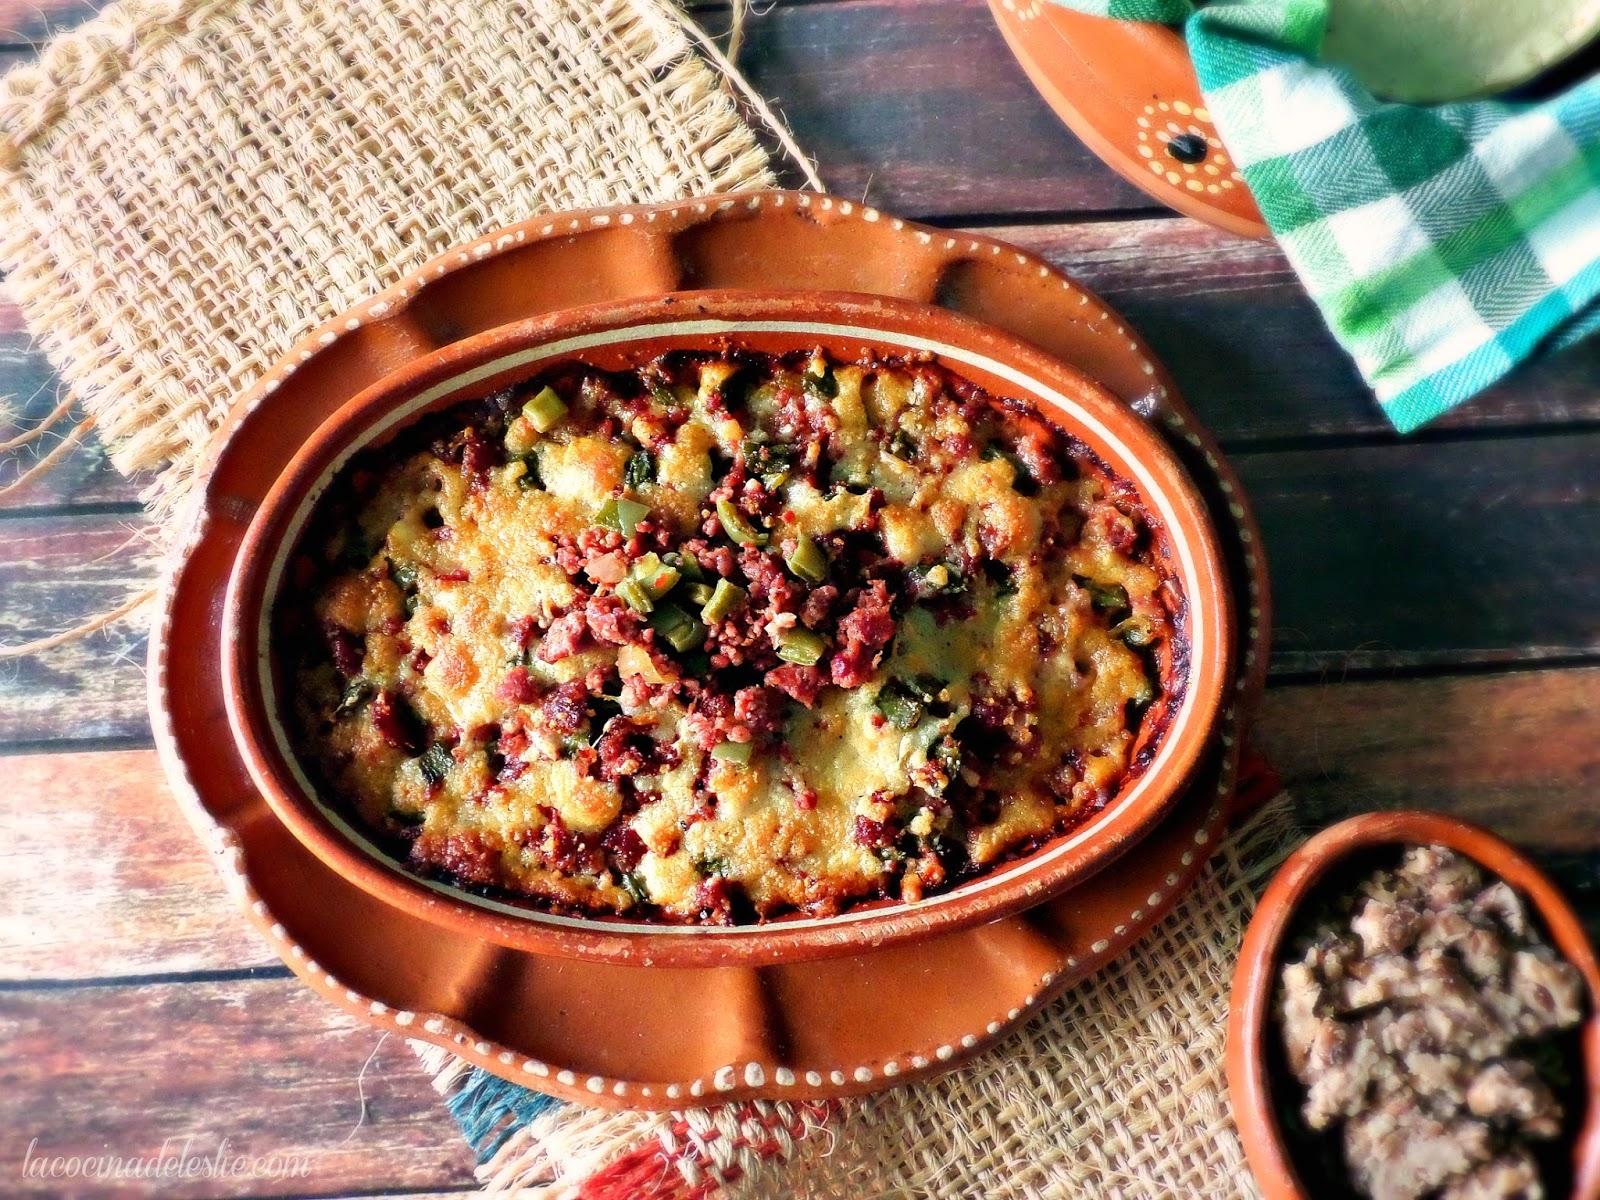 Queso Fundido con Chorizo y Nopales - lacocinadeleslie.com